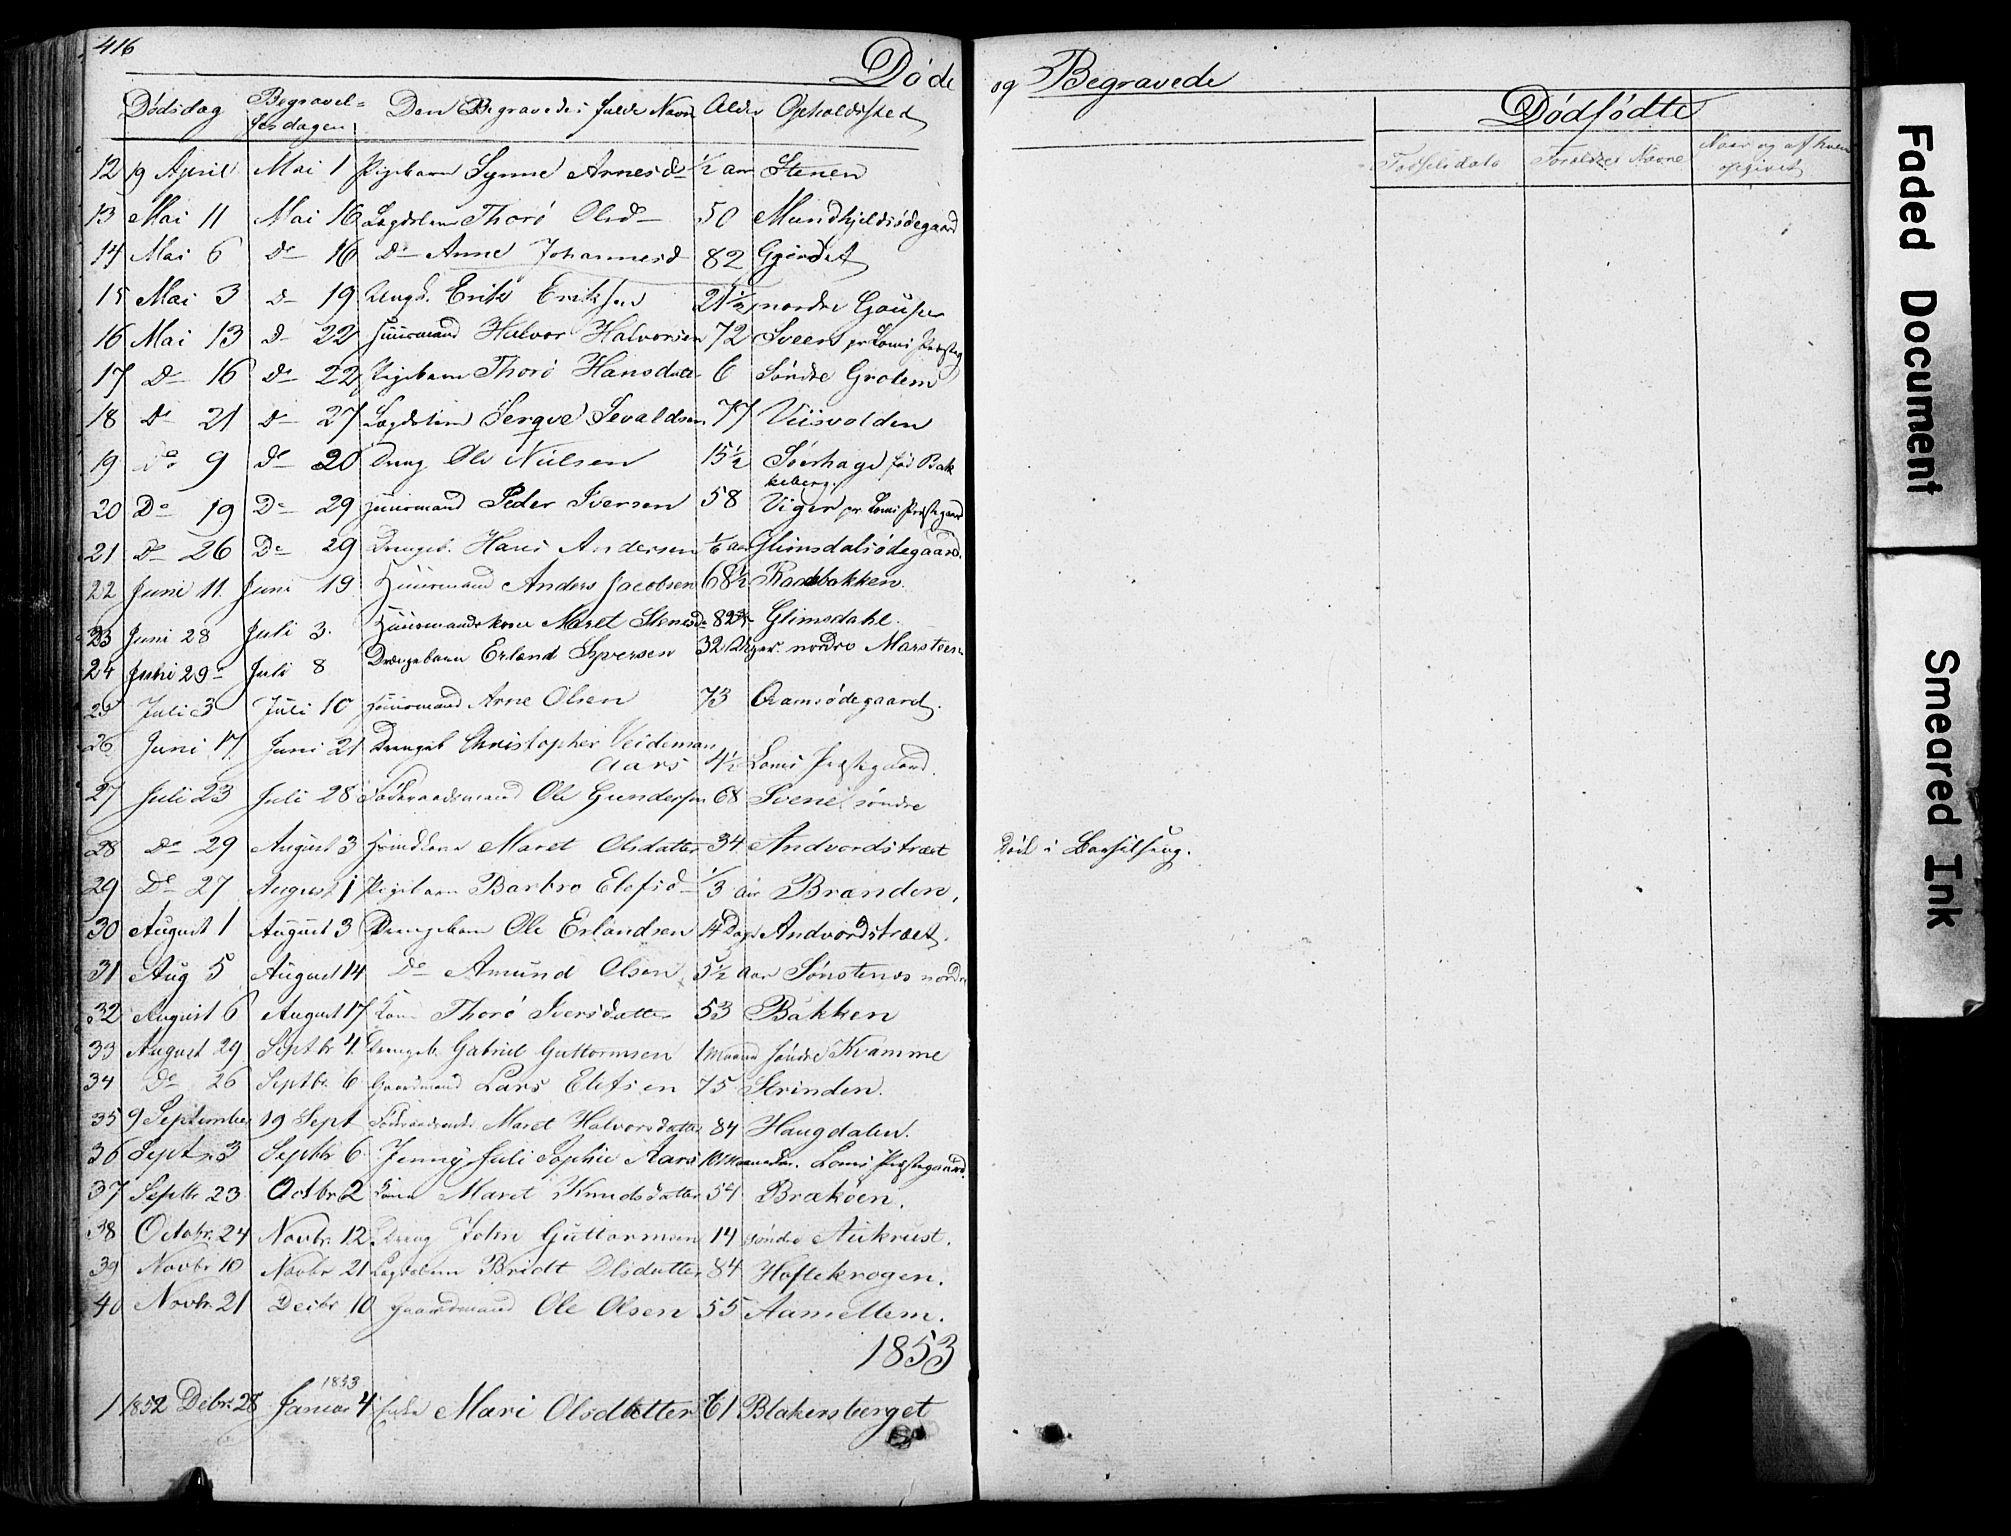 SAH, Lom prestekontor, L/L0012: Klokkerbok nr. 12, 1845-1873, s. 416-417